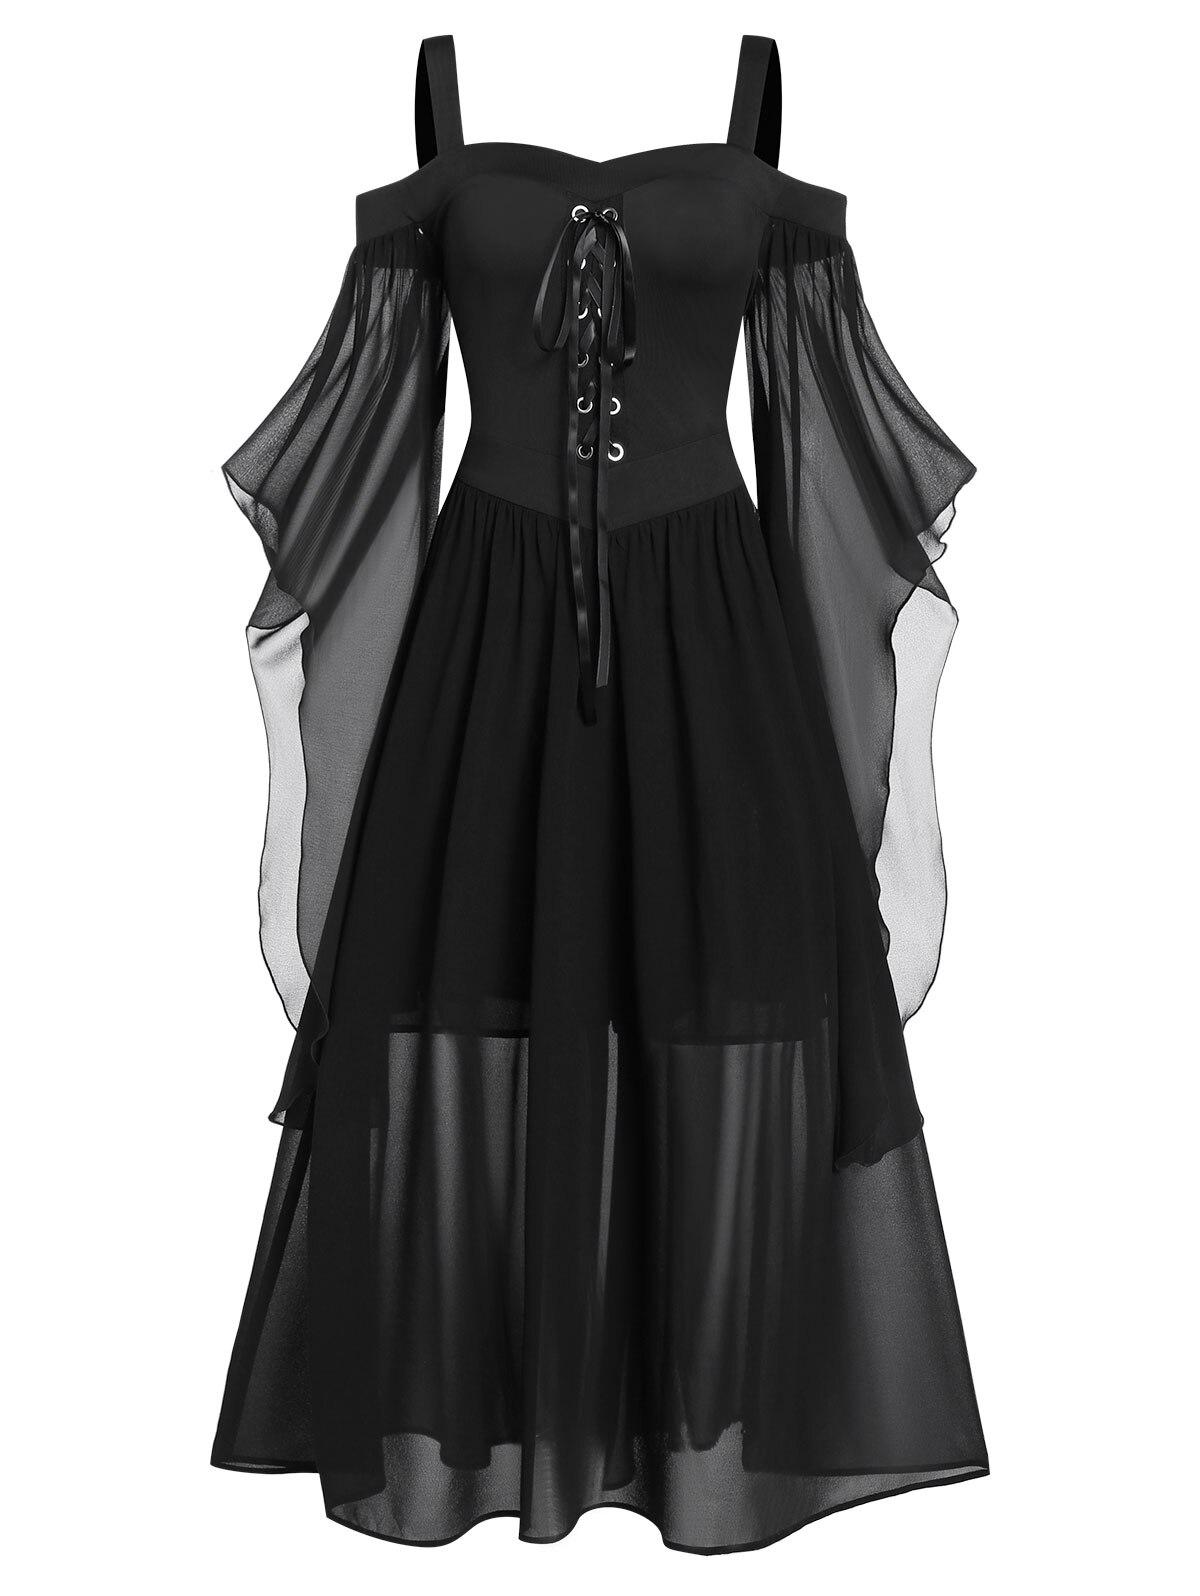 Rosegal 5XL grande taille Maxi robe froide épaule papillon manches à lacets robe d'halloween gothique fête femmes robe Vintage - 6